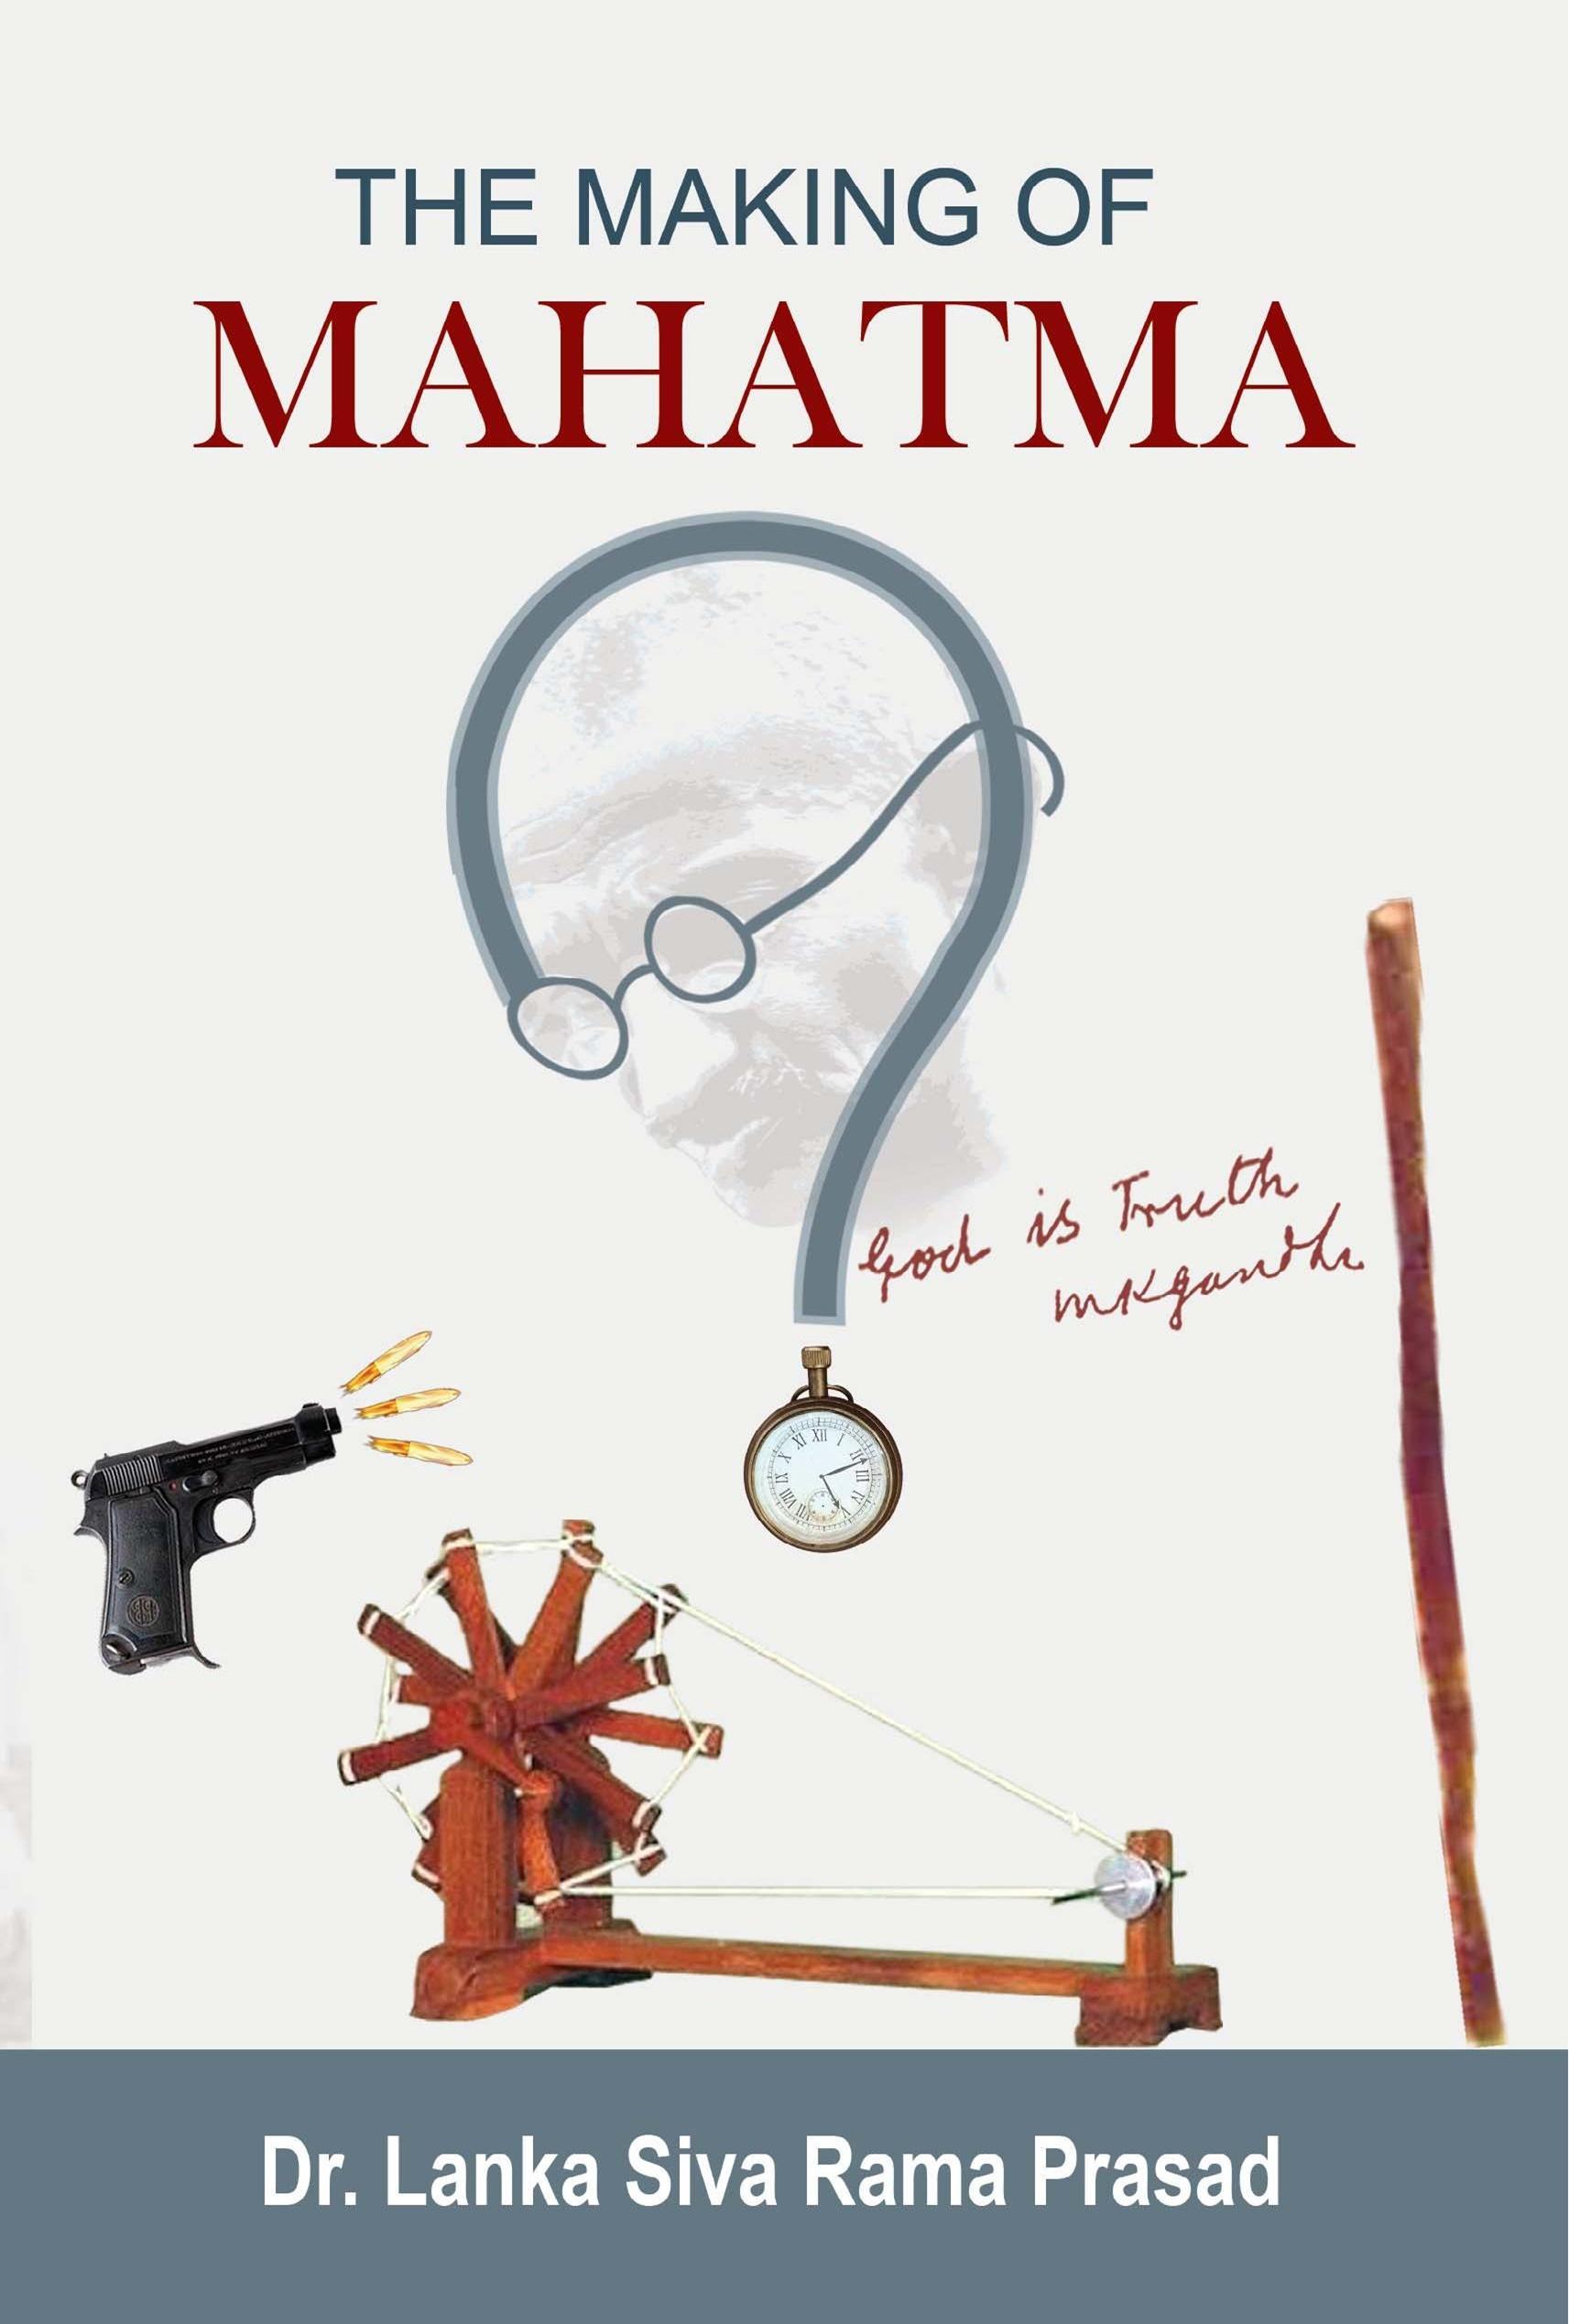 The Making of Mahatma (B&W)